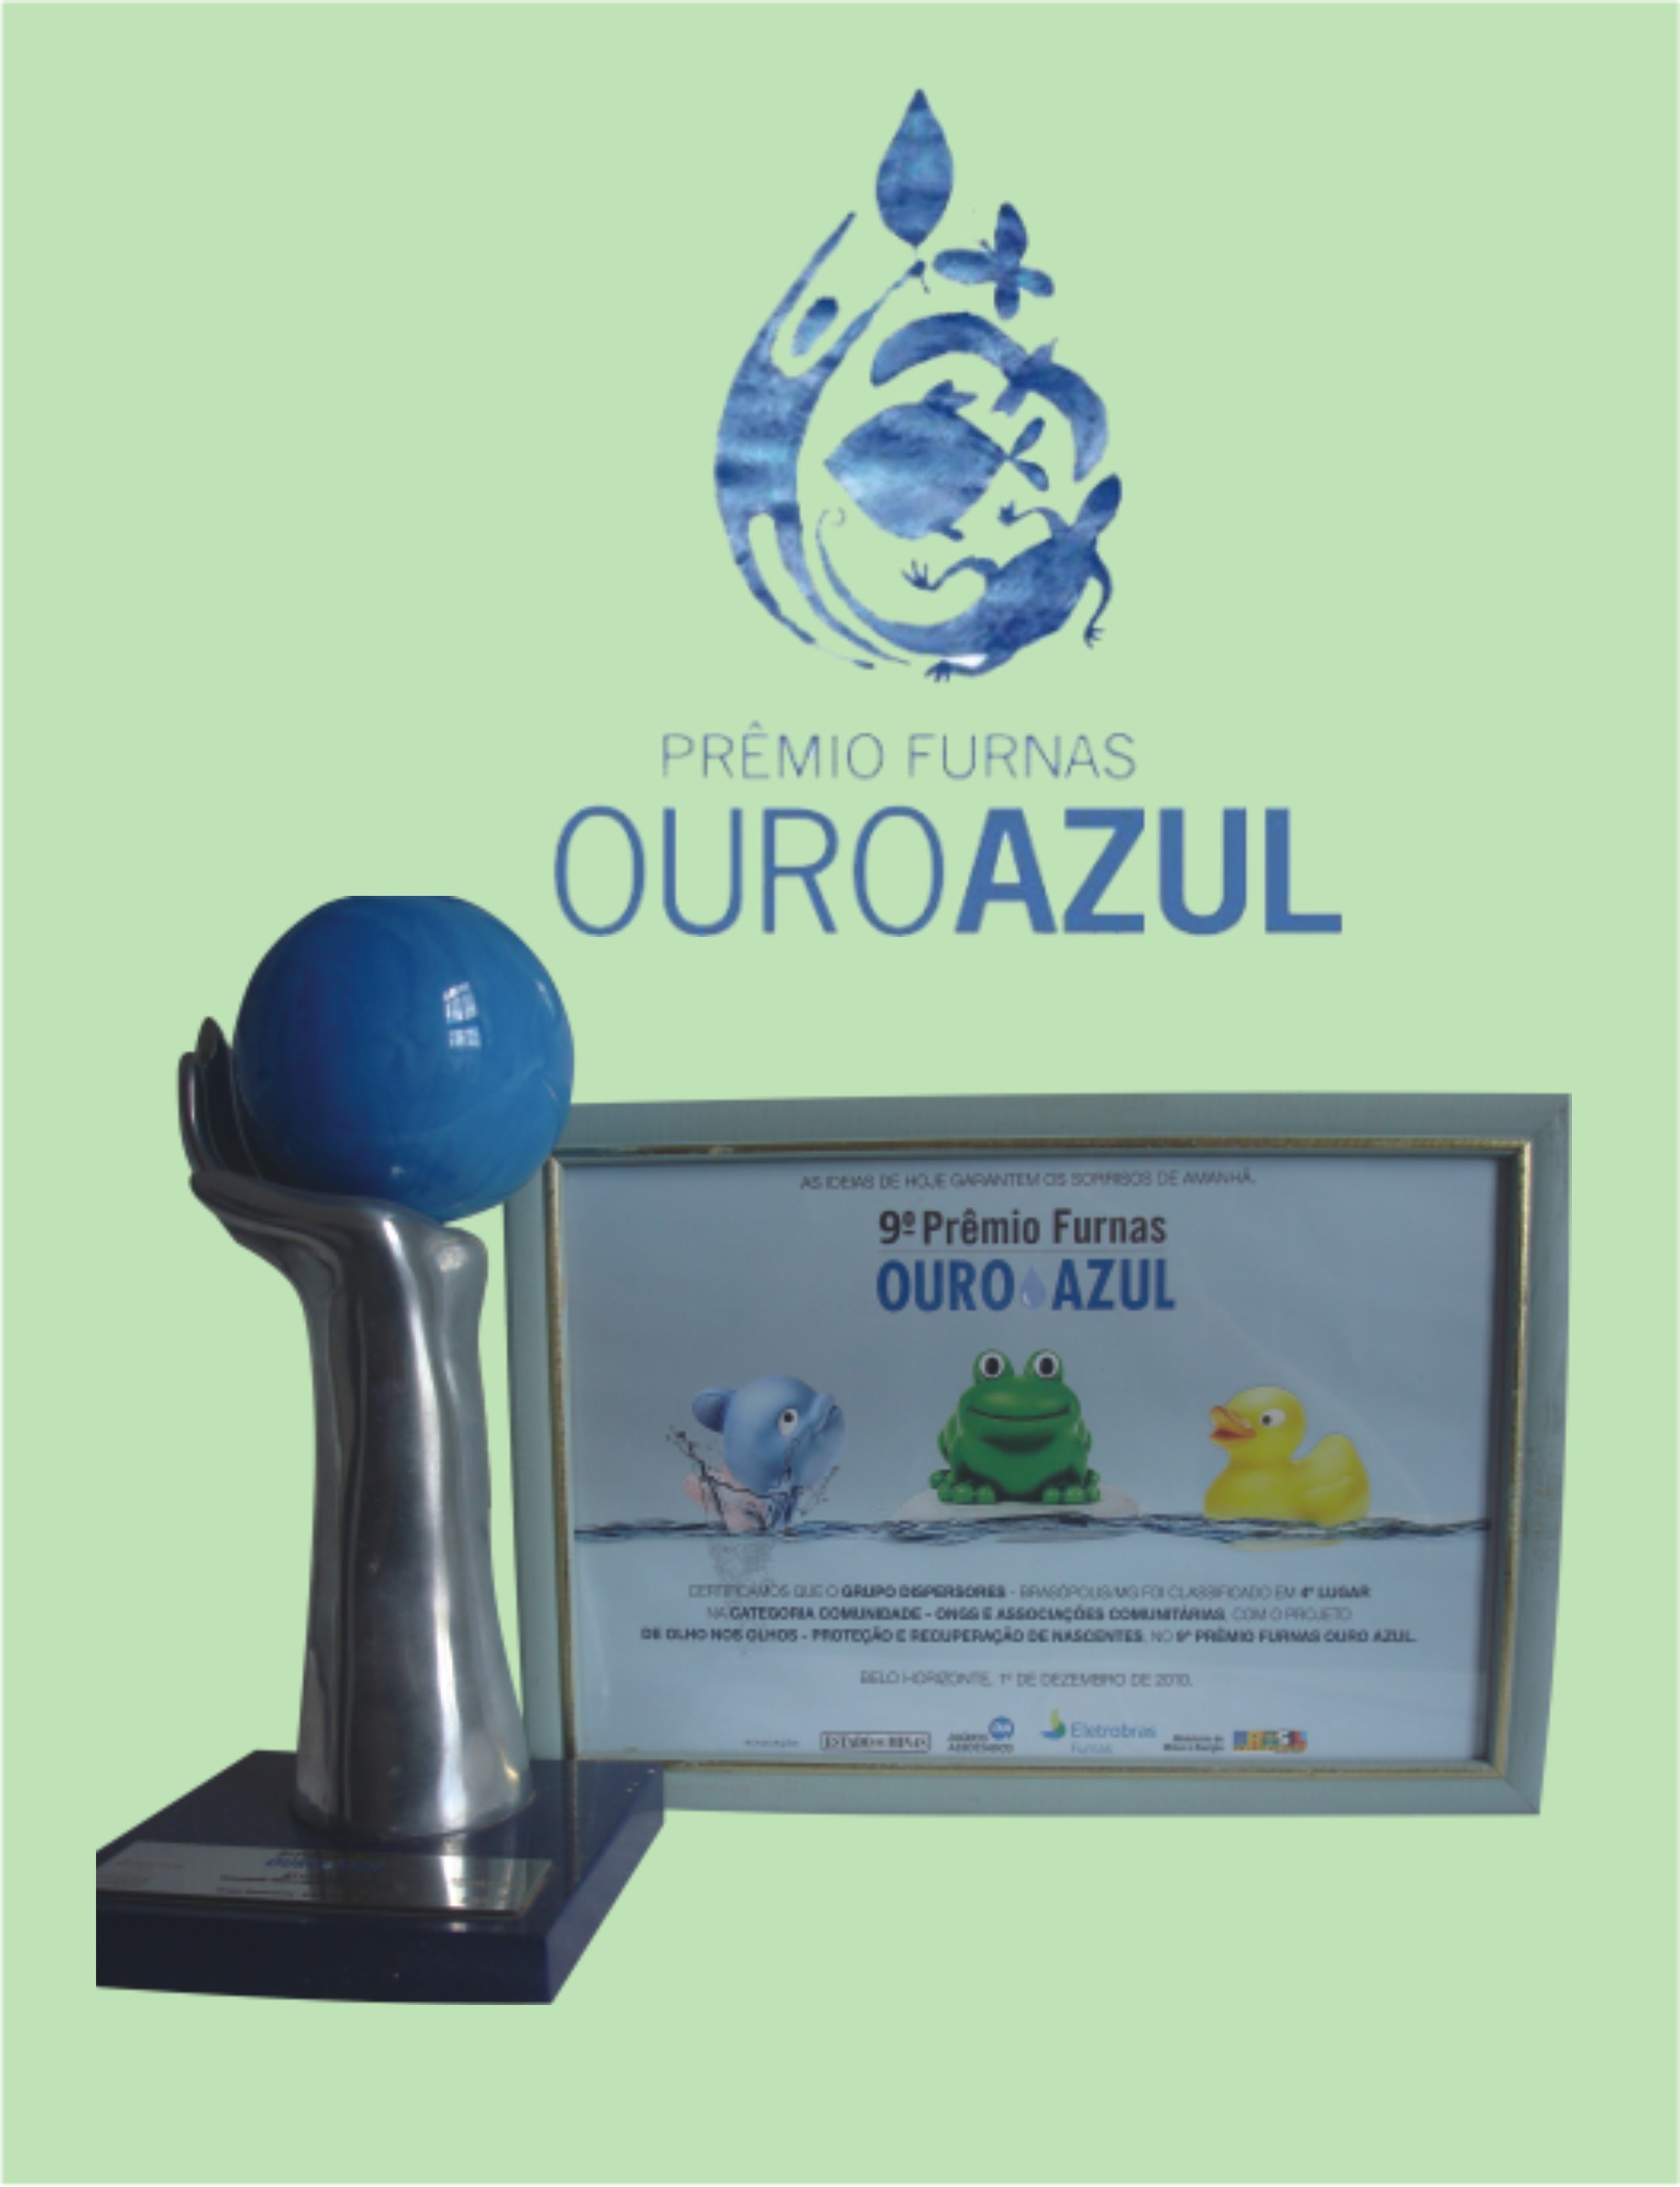 Prêmio Furnas Ouro Azul